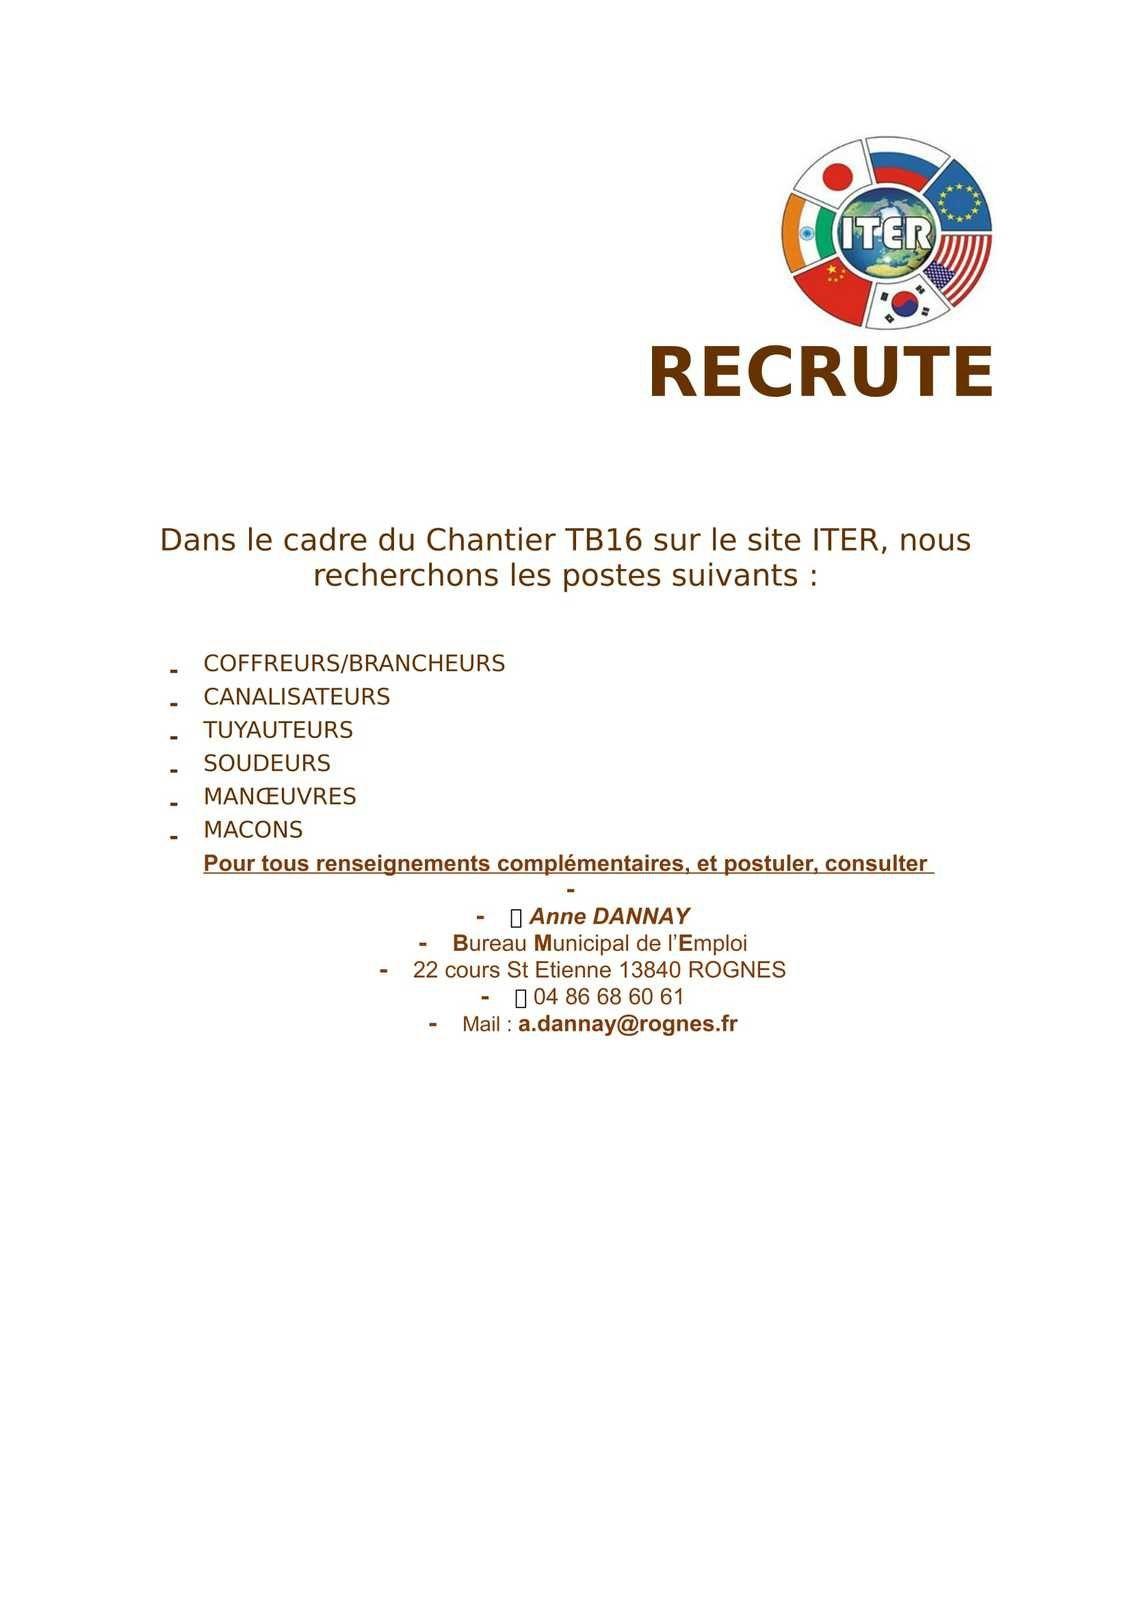 RECRUTEMENT A ITER